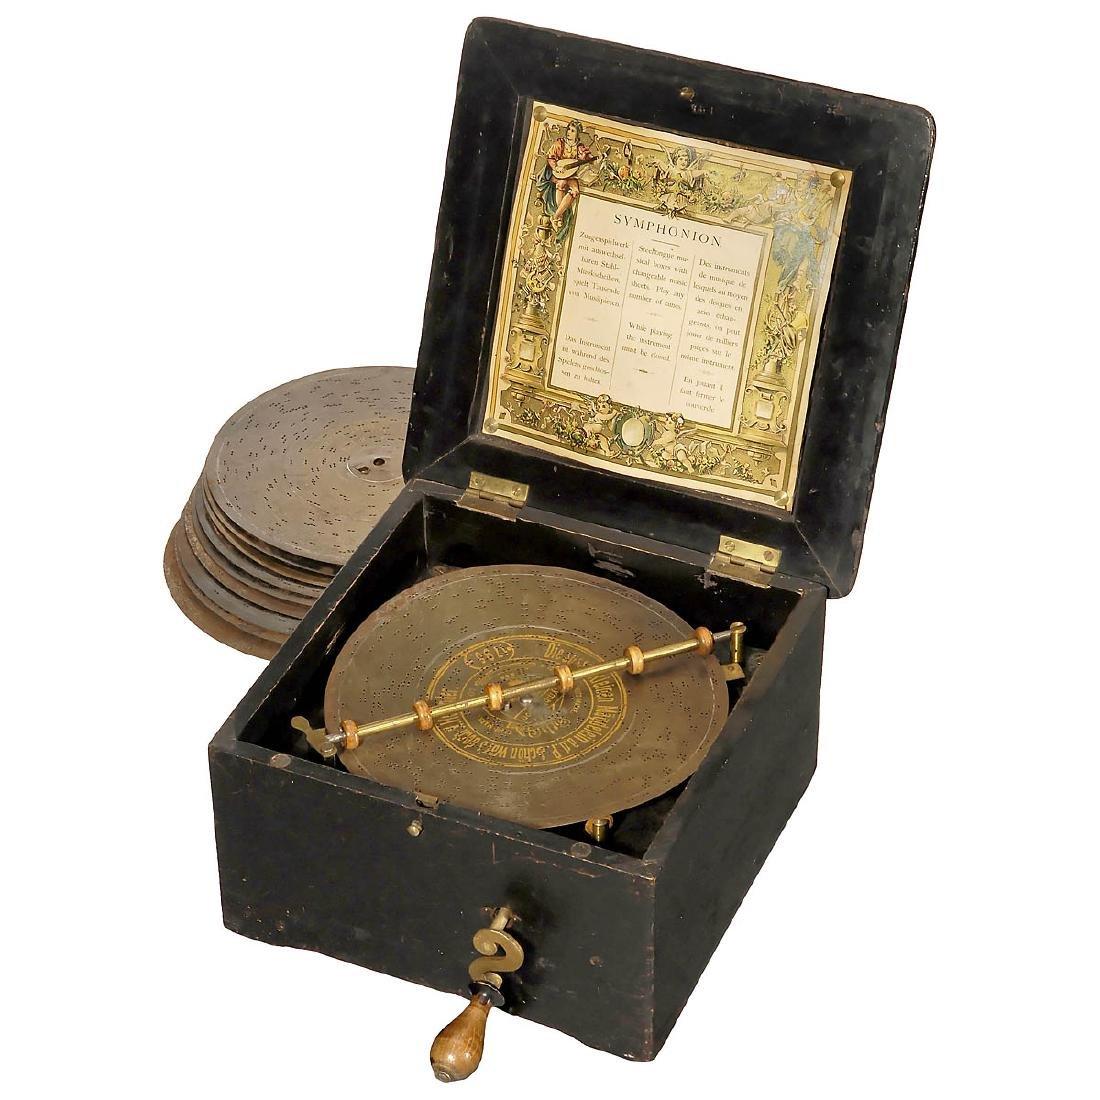 Symphonion No. 4 Manivelle Disc Musical Box, c. 1900